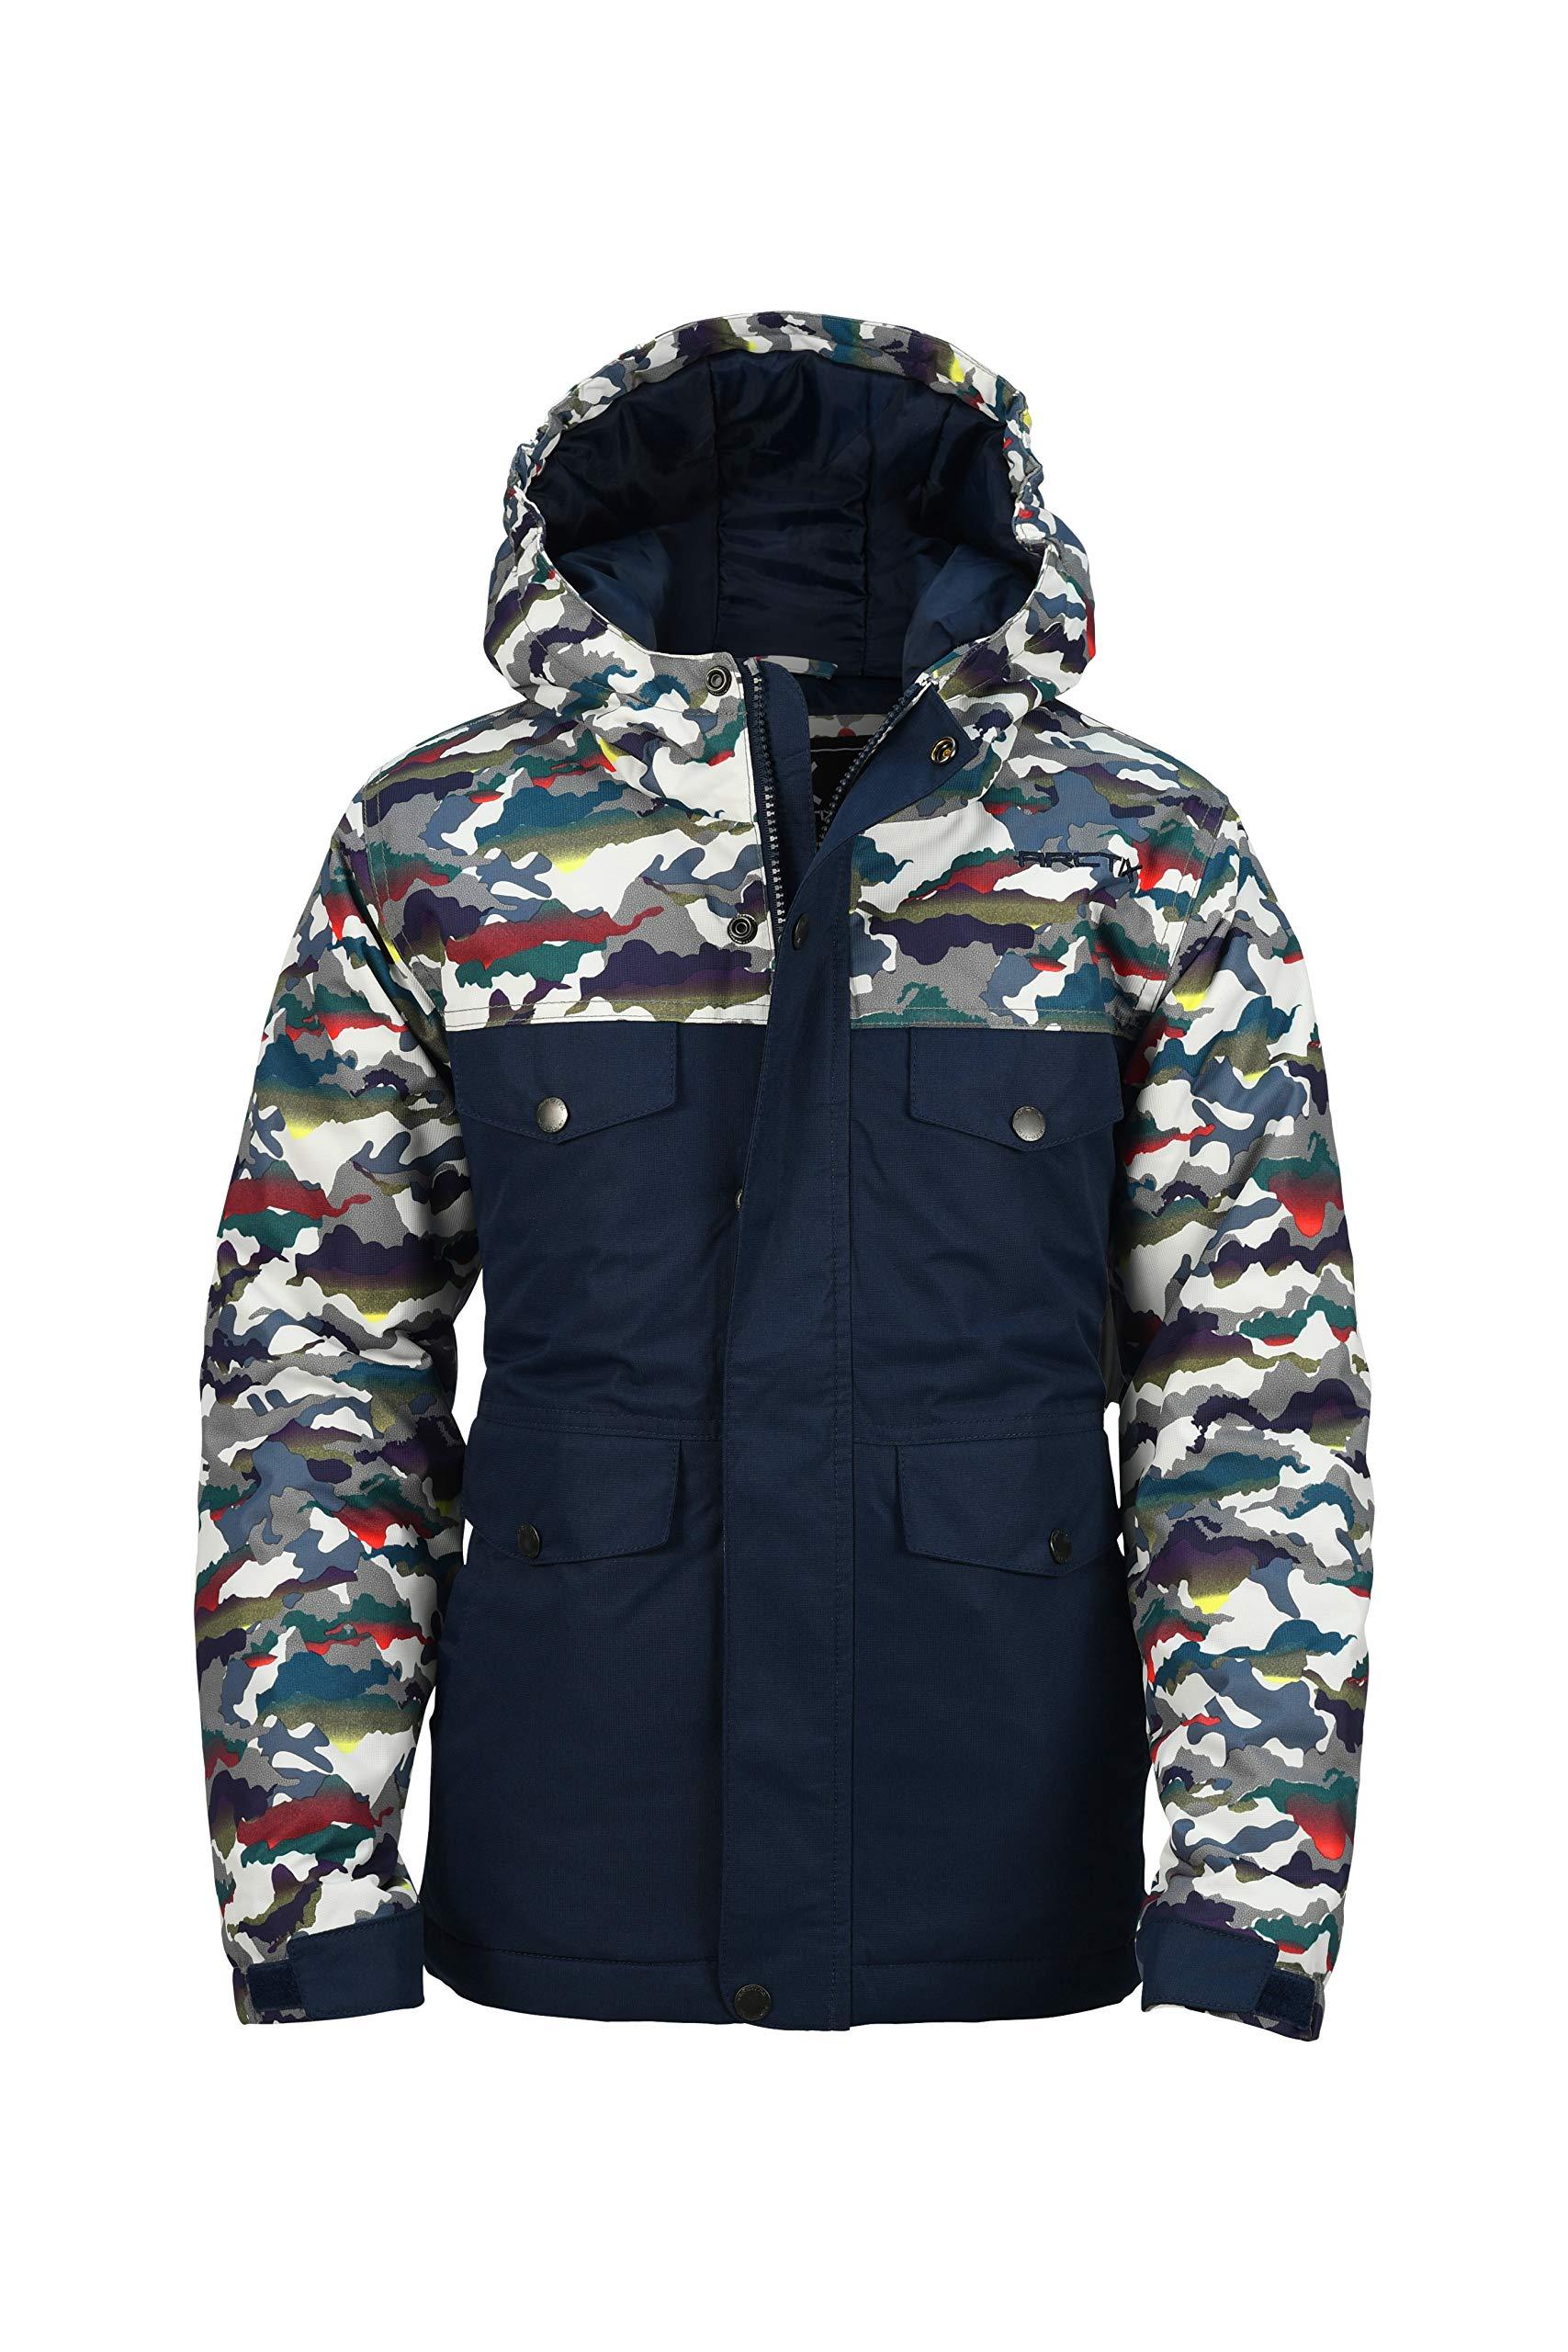 Arctix Boys Slalom Insulated Winter Jacket, White Multi Camo, Large by Arctix